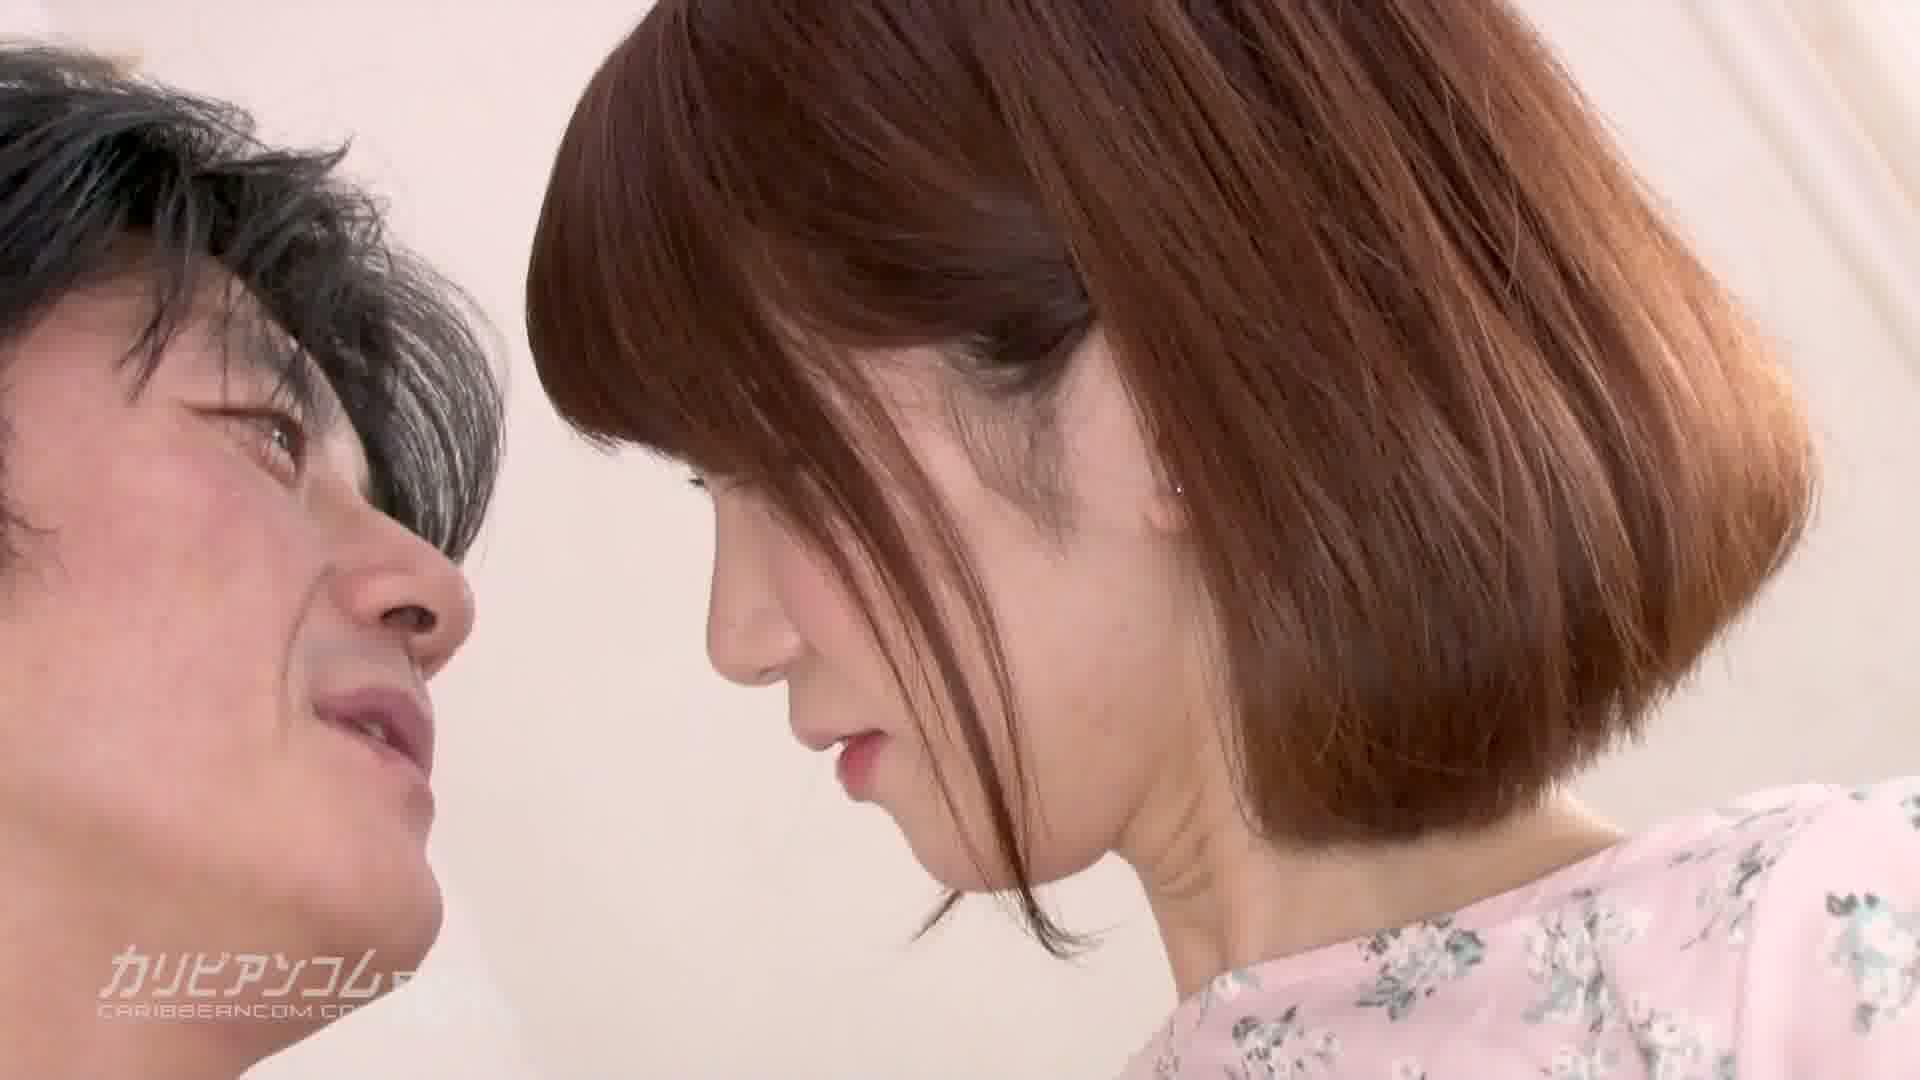 恋オチ ~ロリロリまりんちゃんの恋~ - いろはまりん【クンニ・スレンダー・初裏】